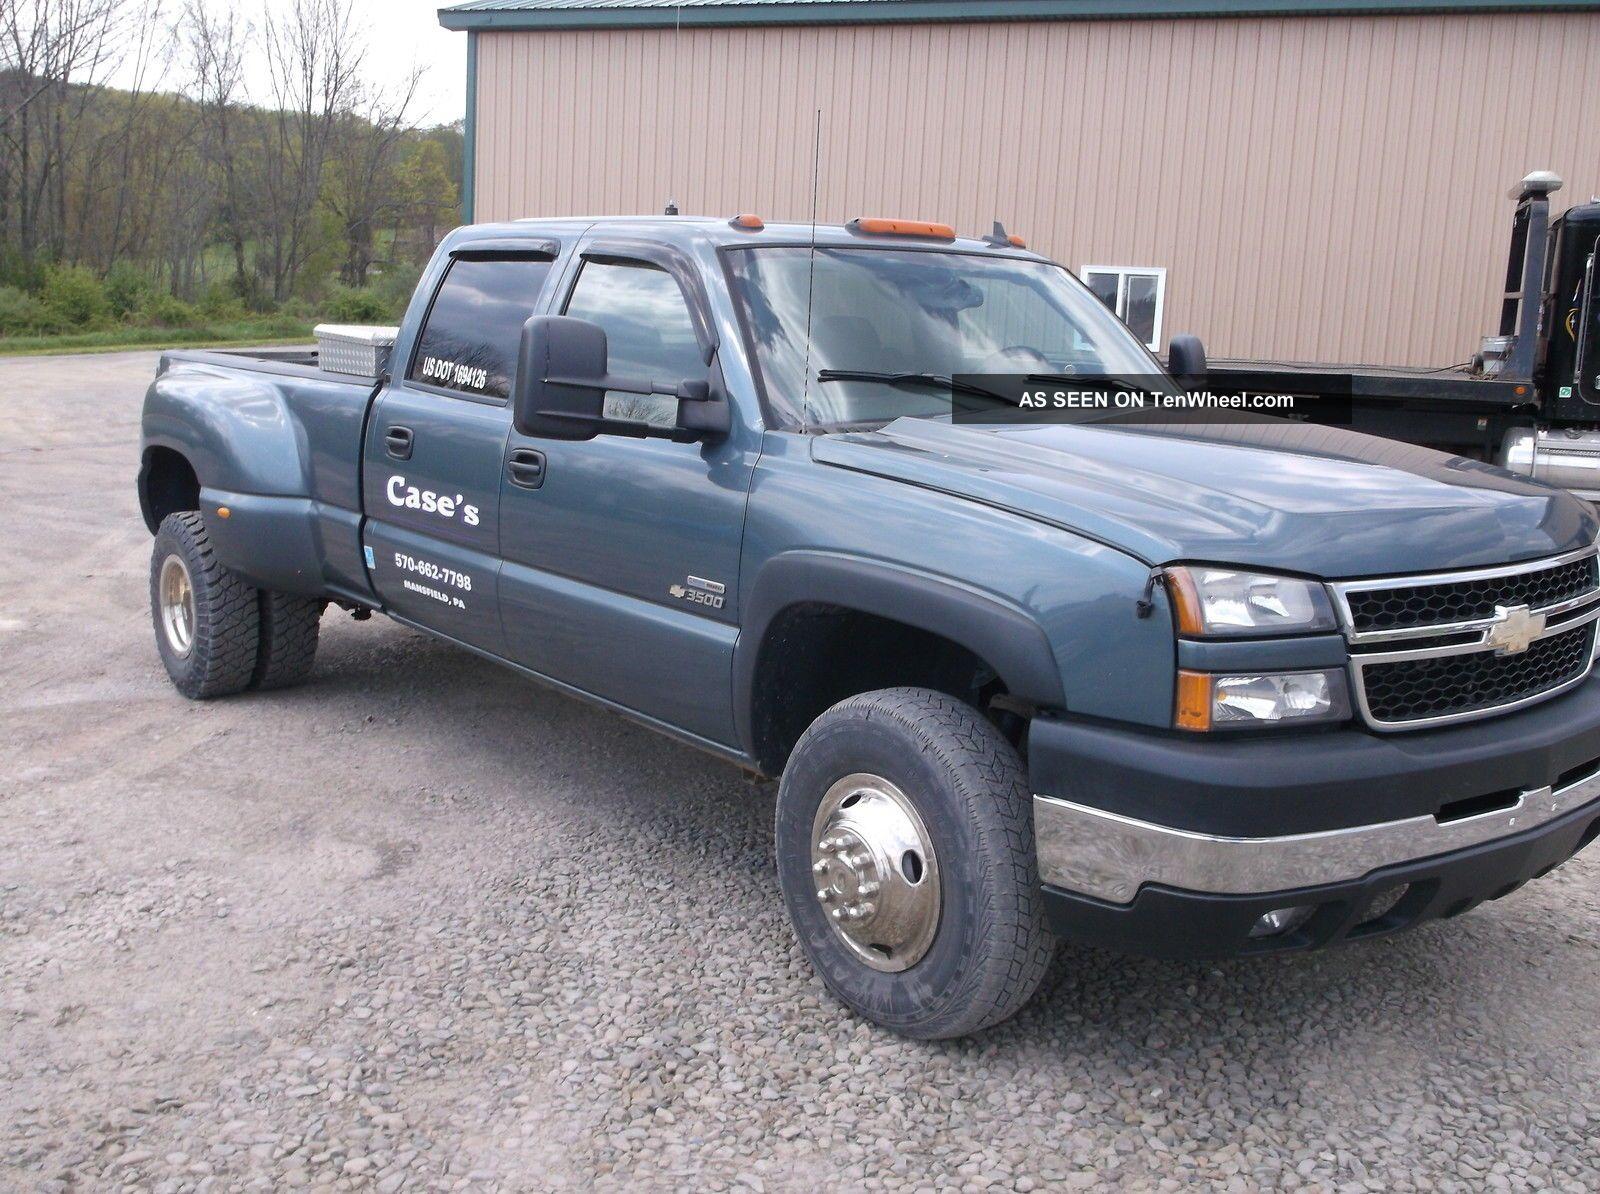 2006 Chevrolet 3500 4x4 Dually Crewcab Diesel Auto Silverado 3500 photo